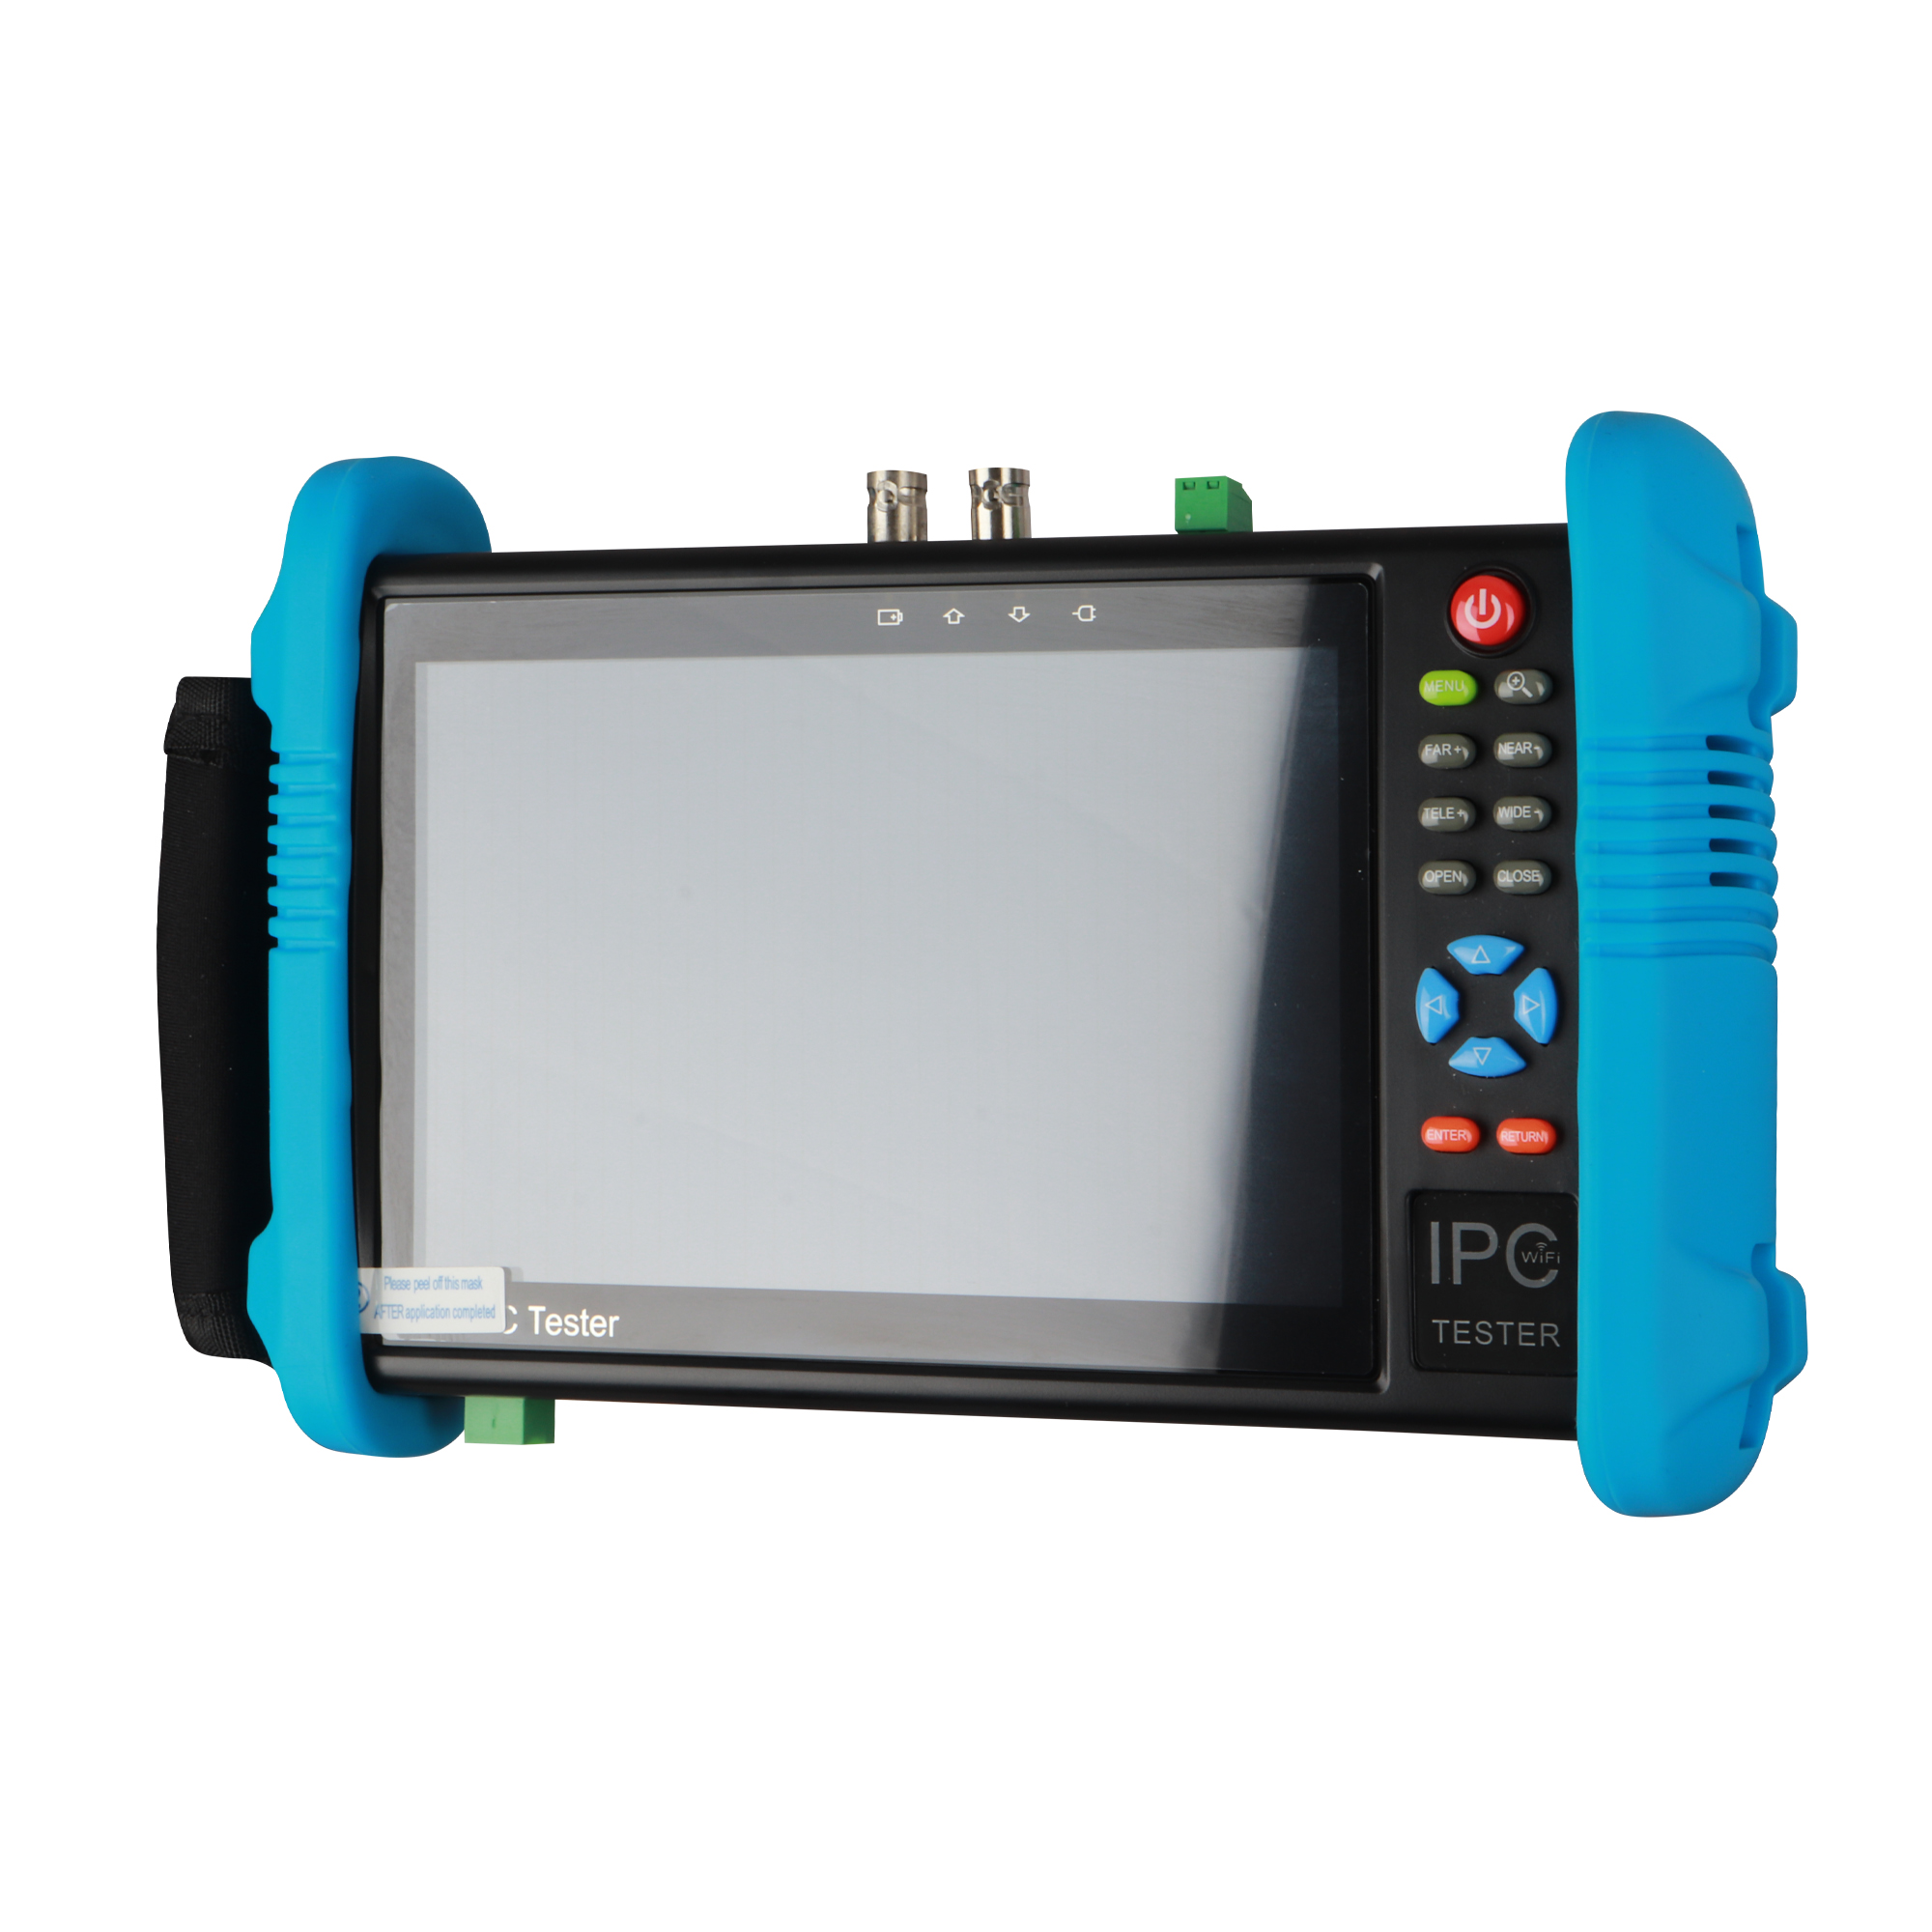 بررسی و خرید [با تخفیف]                                     تستر دوربین مداربسته تحت شبکه آی پی سی مدلIPC9800ADH-PLUS                             اورجینال